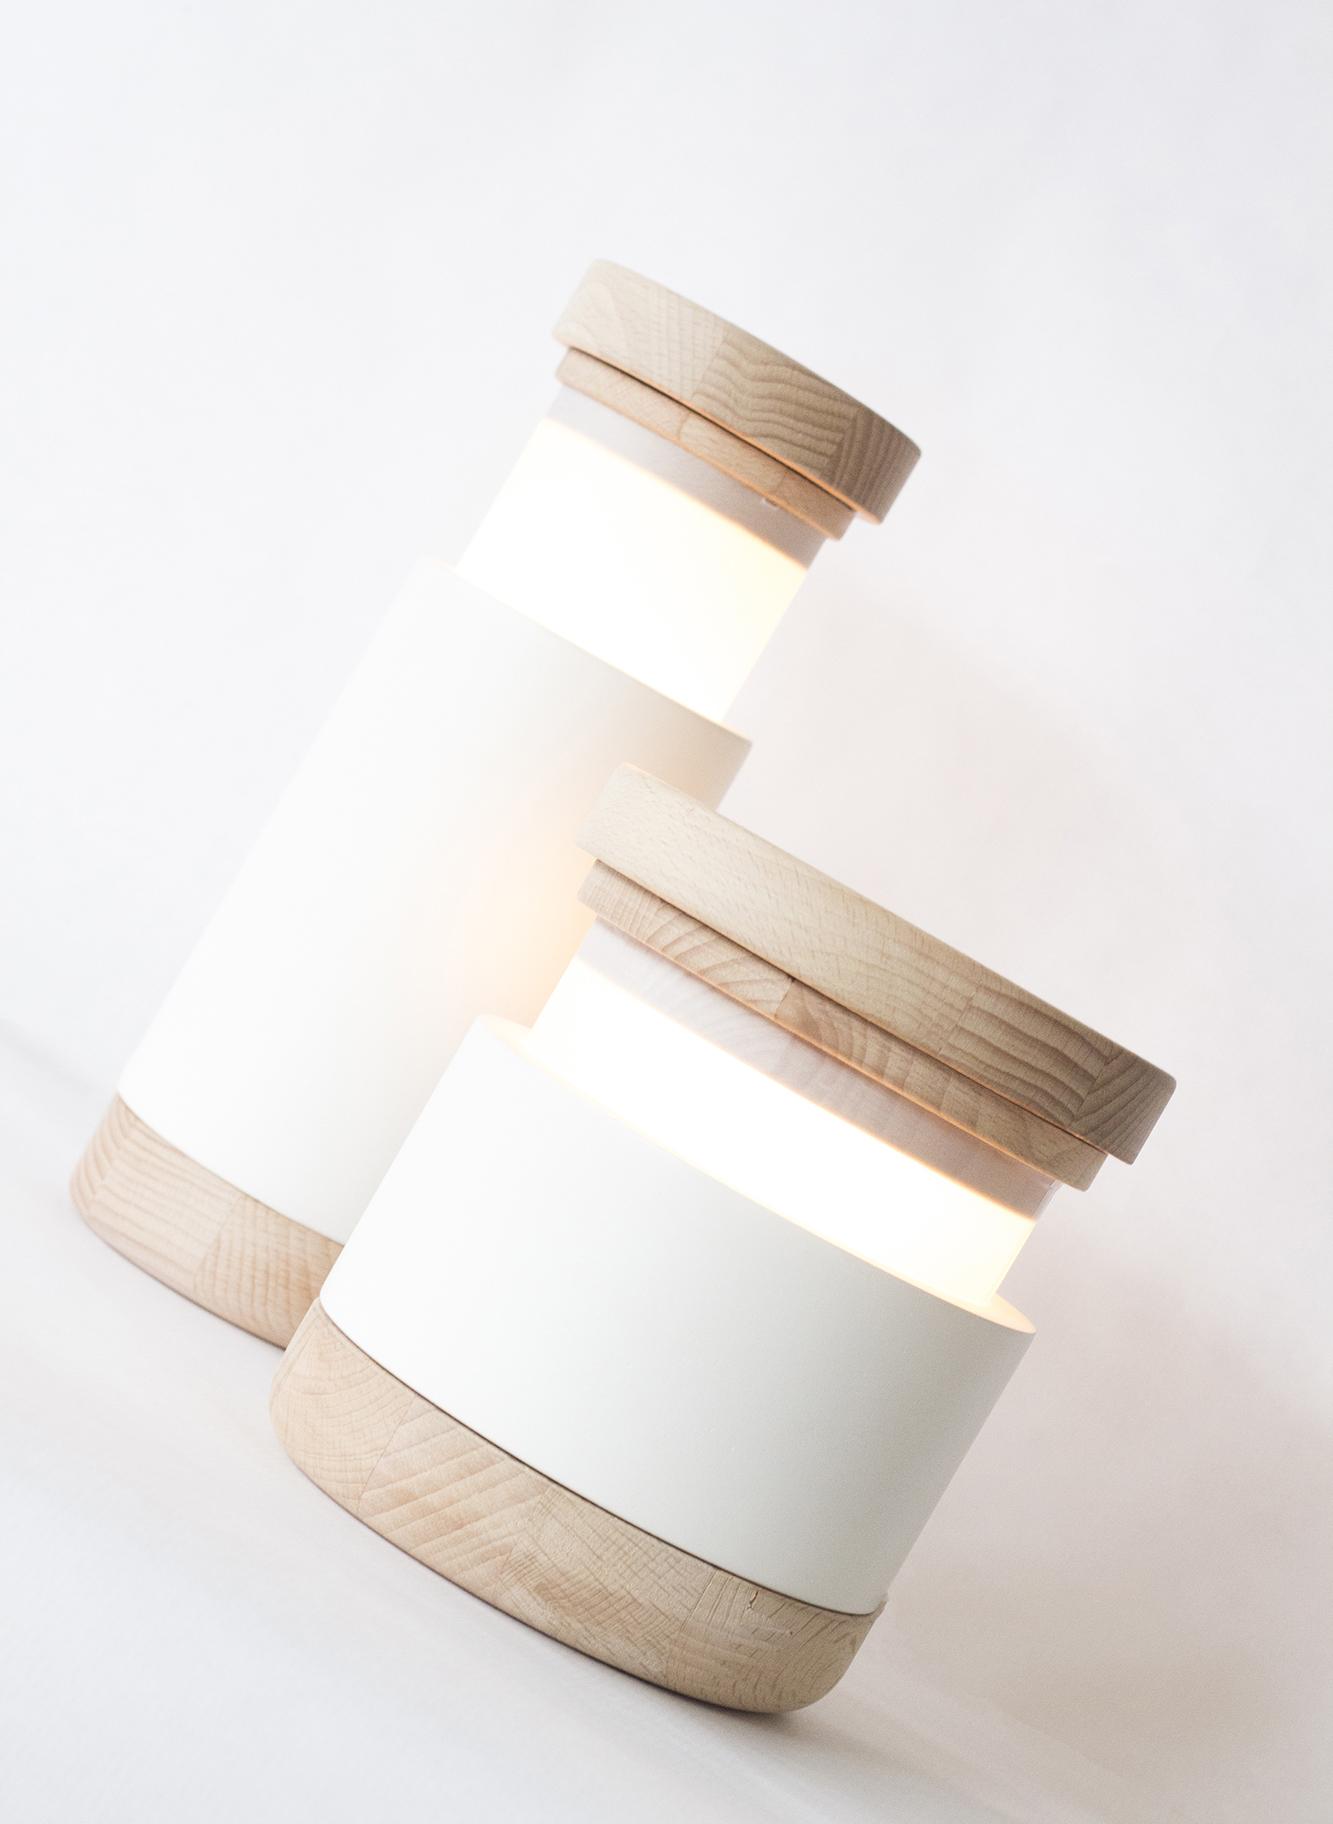 ABRE LAMP